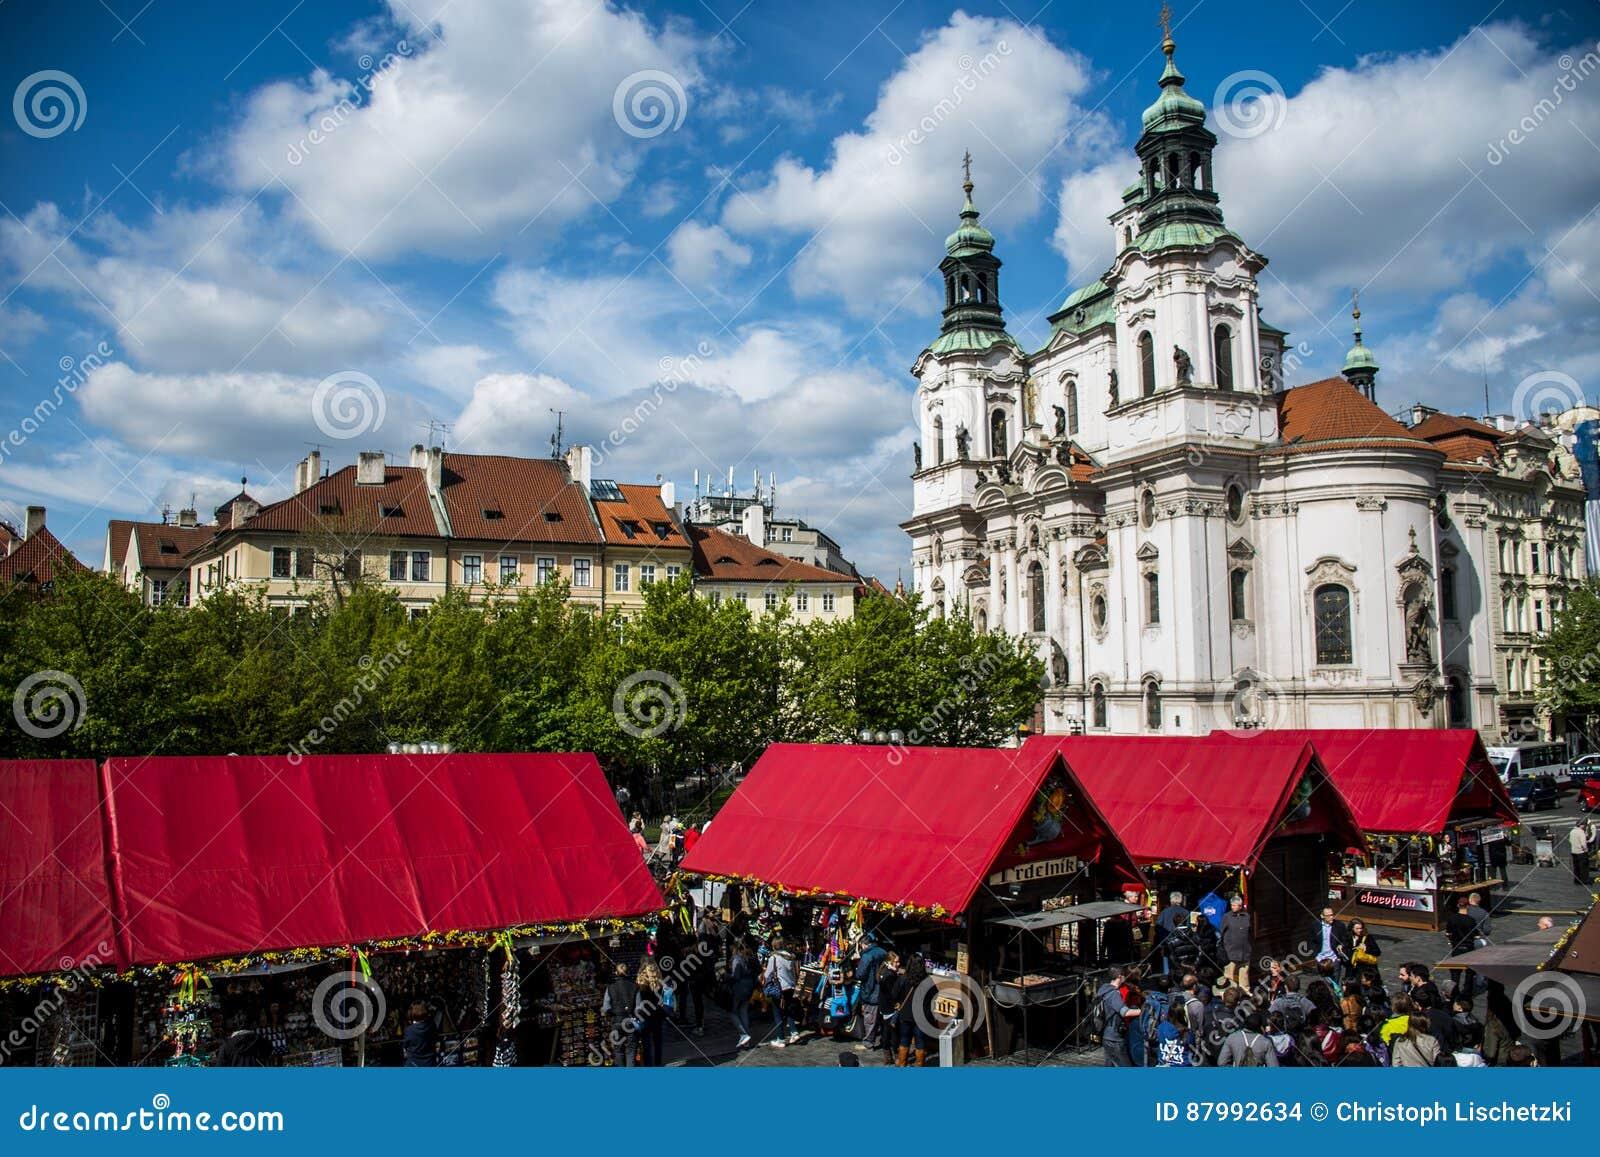 Tsjechische Republiek Praag 11 04 2014: Mensen op markt voor de kerk van heilige Nikolaus